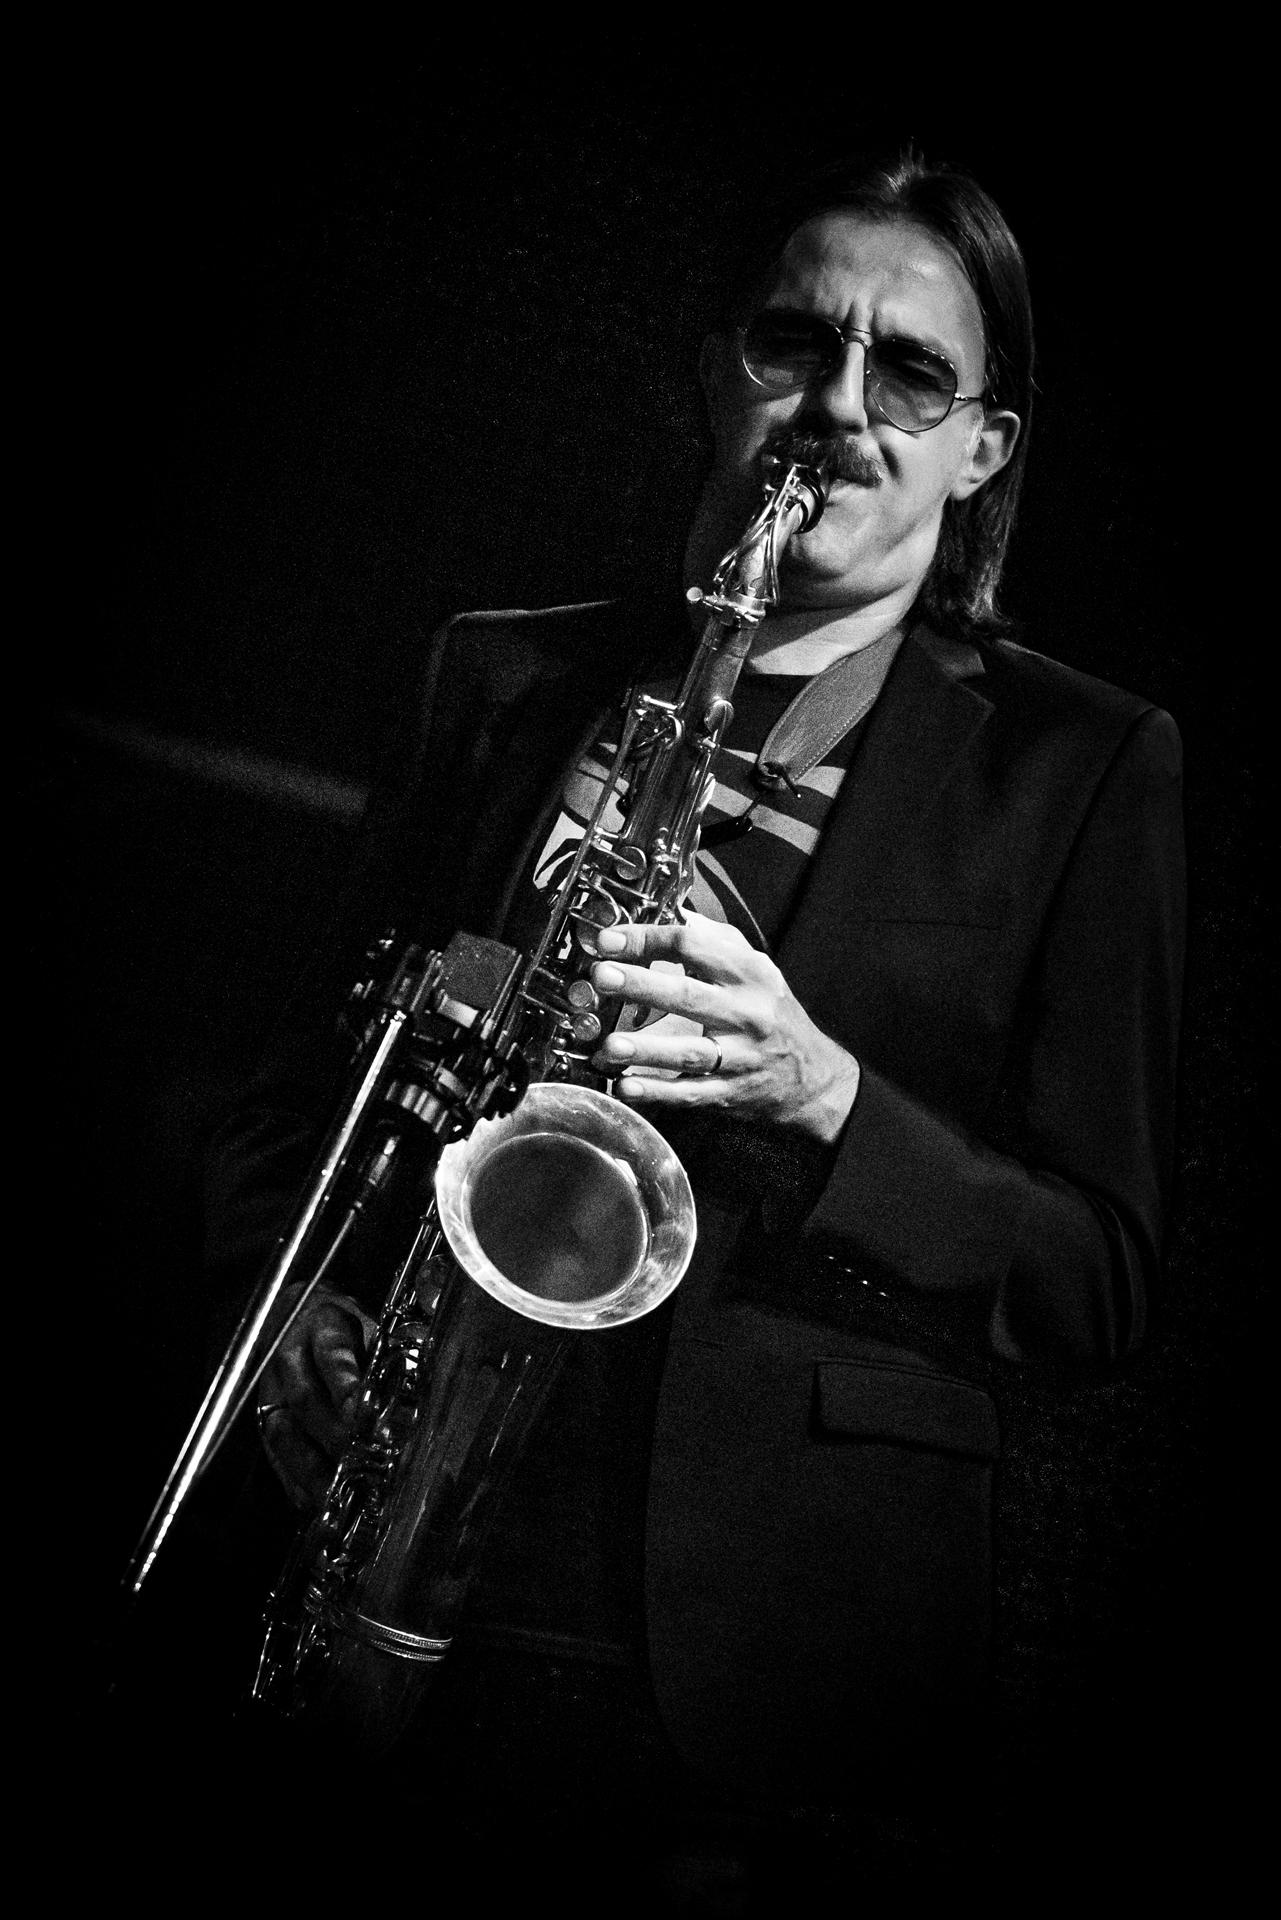 2020_09_11-Ionata-Ferra-Quartet-©-Luca-Vantusso-211307-EOS54496